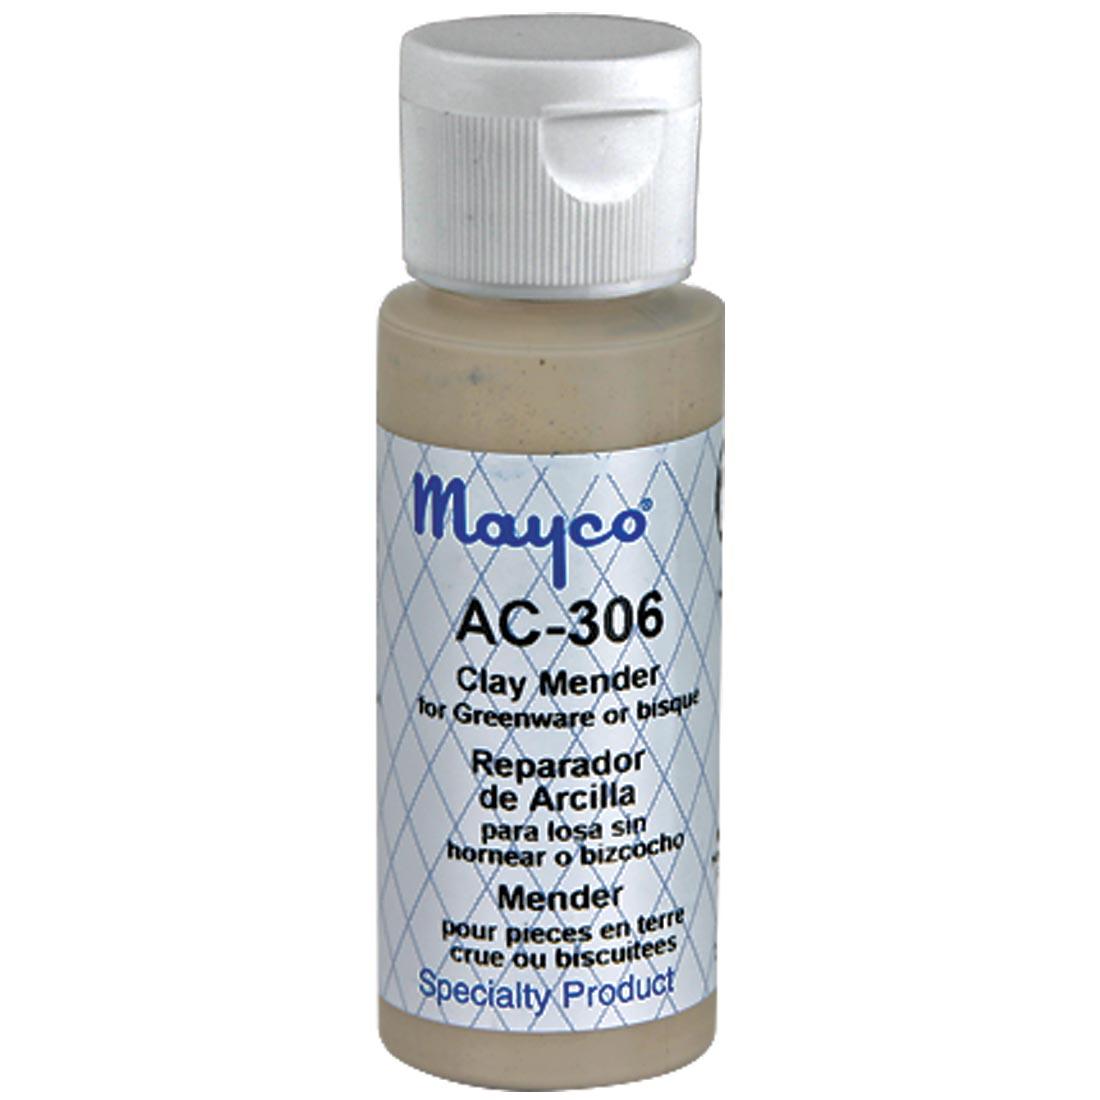 Mayco Clay Mender